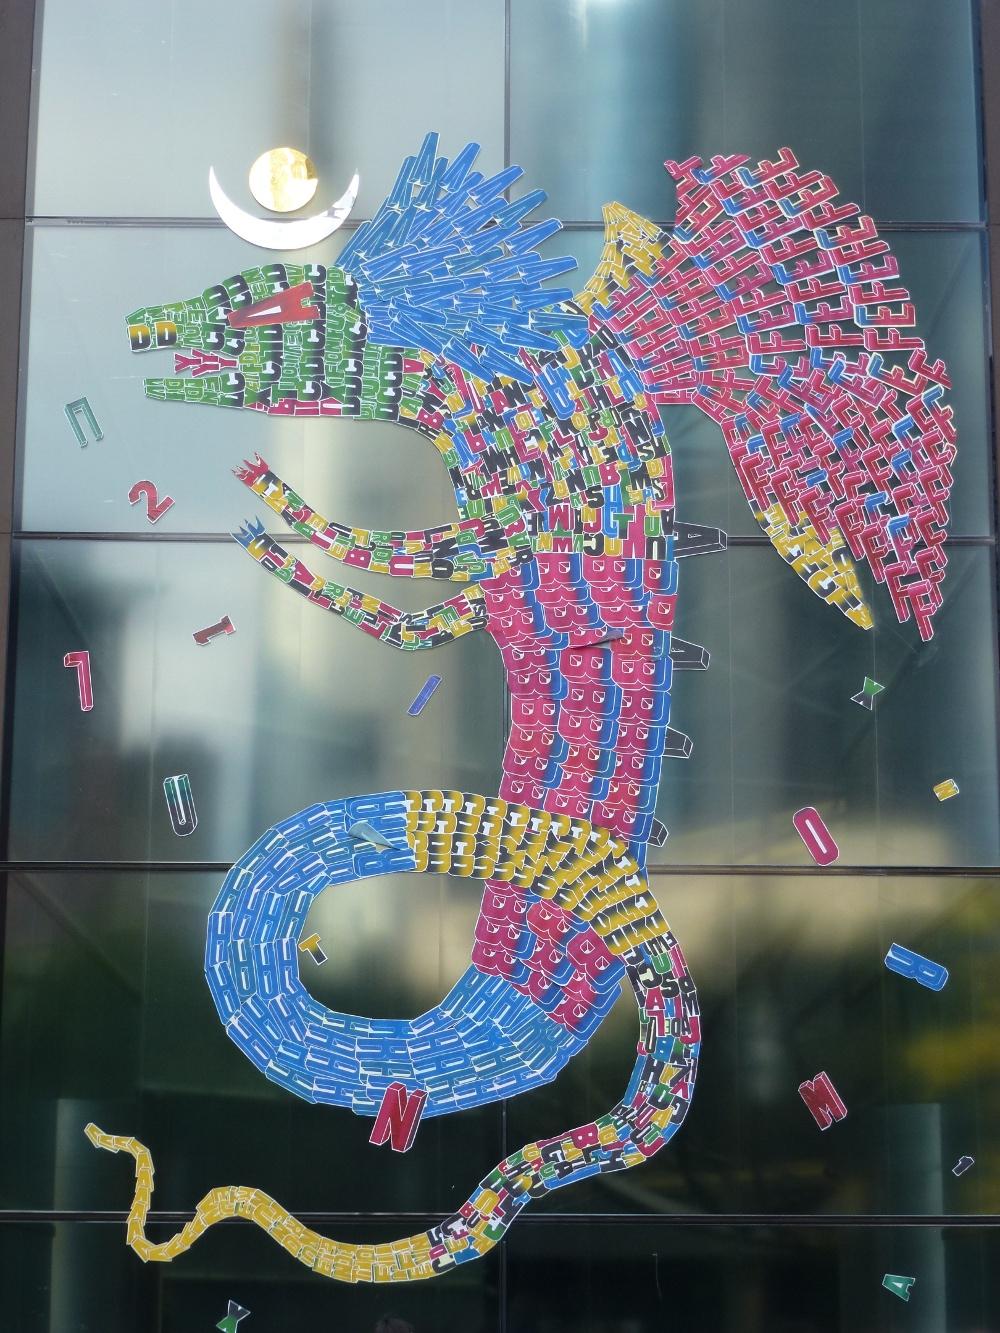 Die Kreaturen und Monster von Fefe Talavera sind aus selbstgemachten Buchstaben zusammengestellt